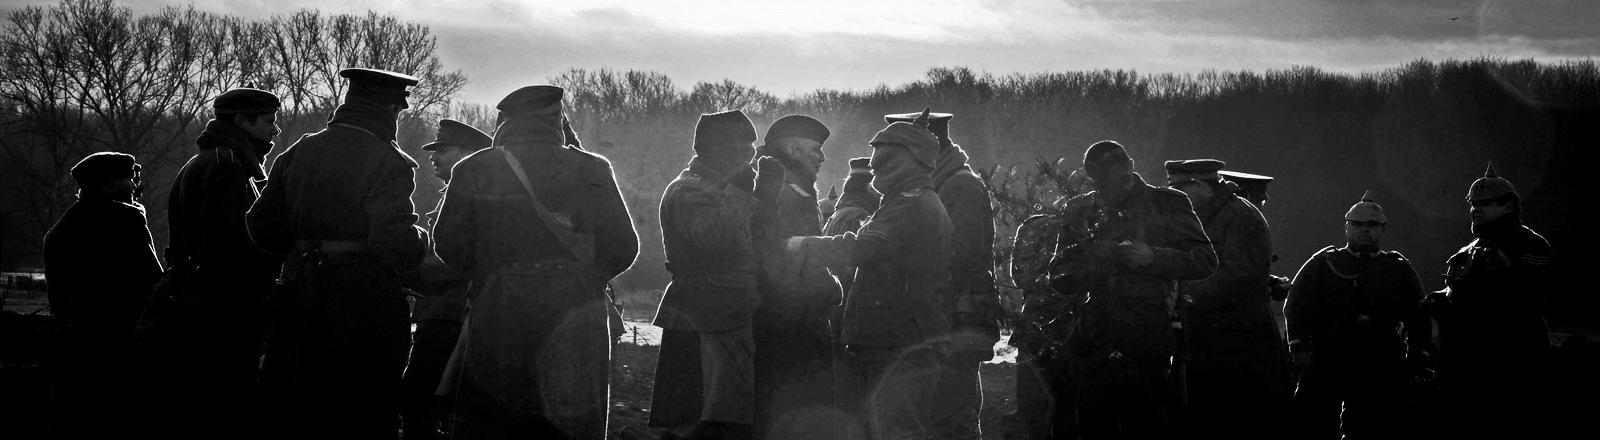 Männer spielen den Weihnachtsfrieden aus dem ersten Weltkrieg nach